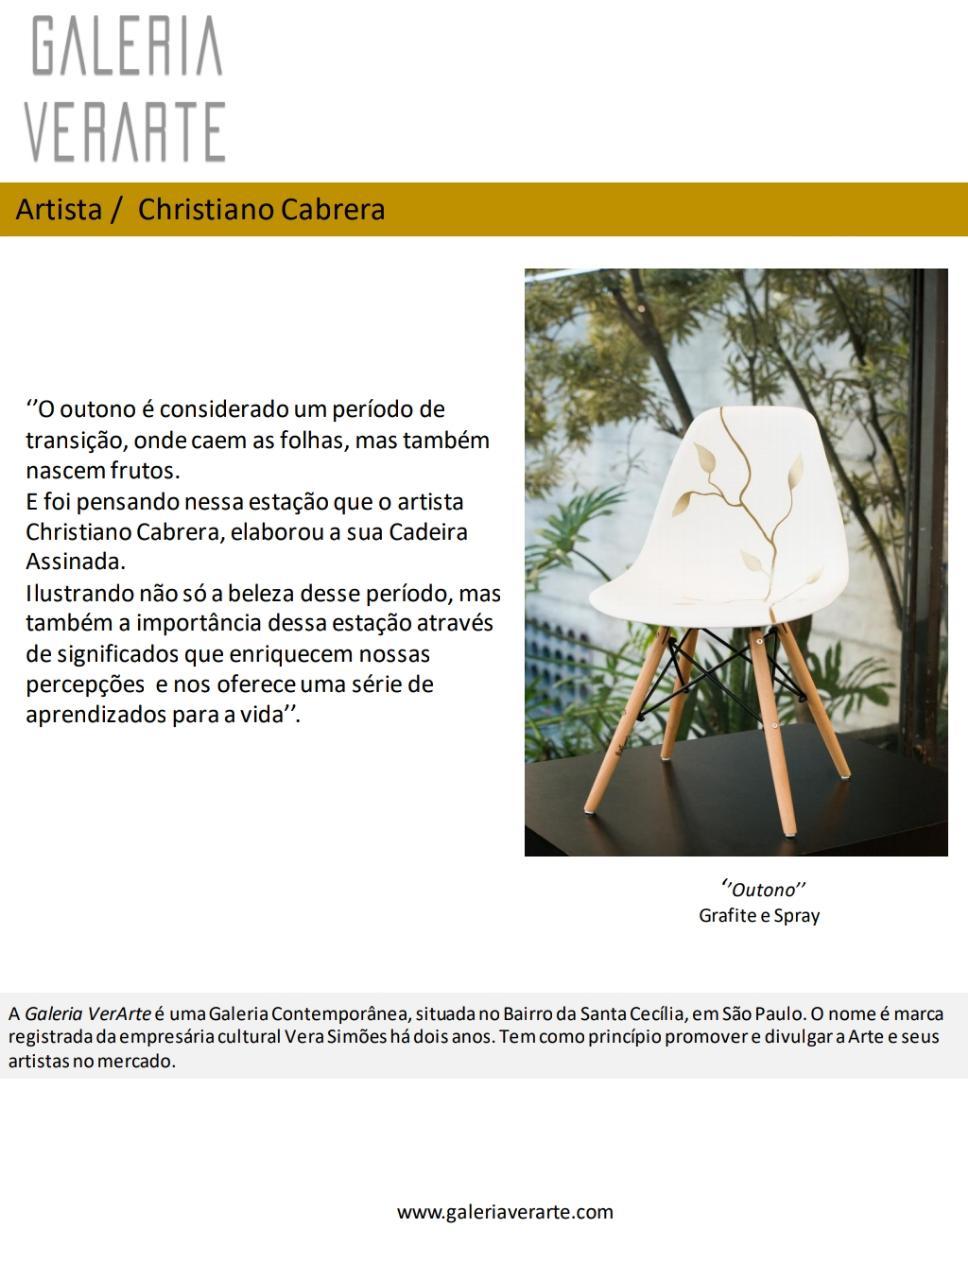 Christiano Cabrera